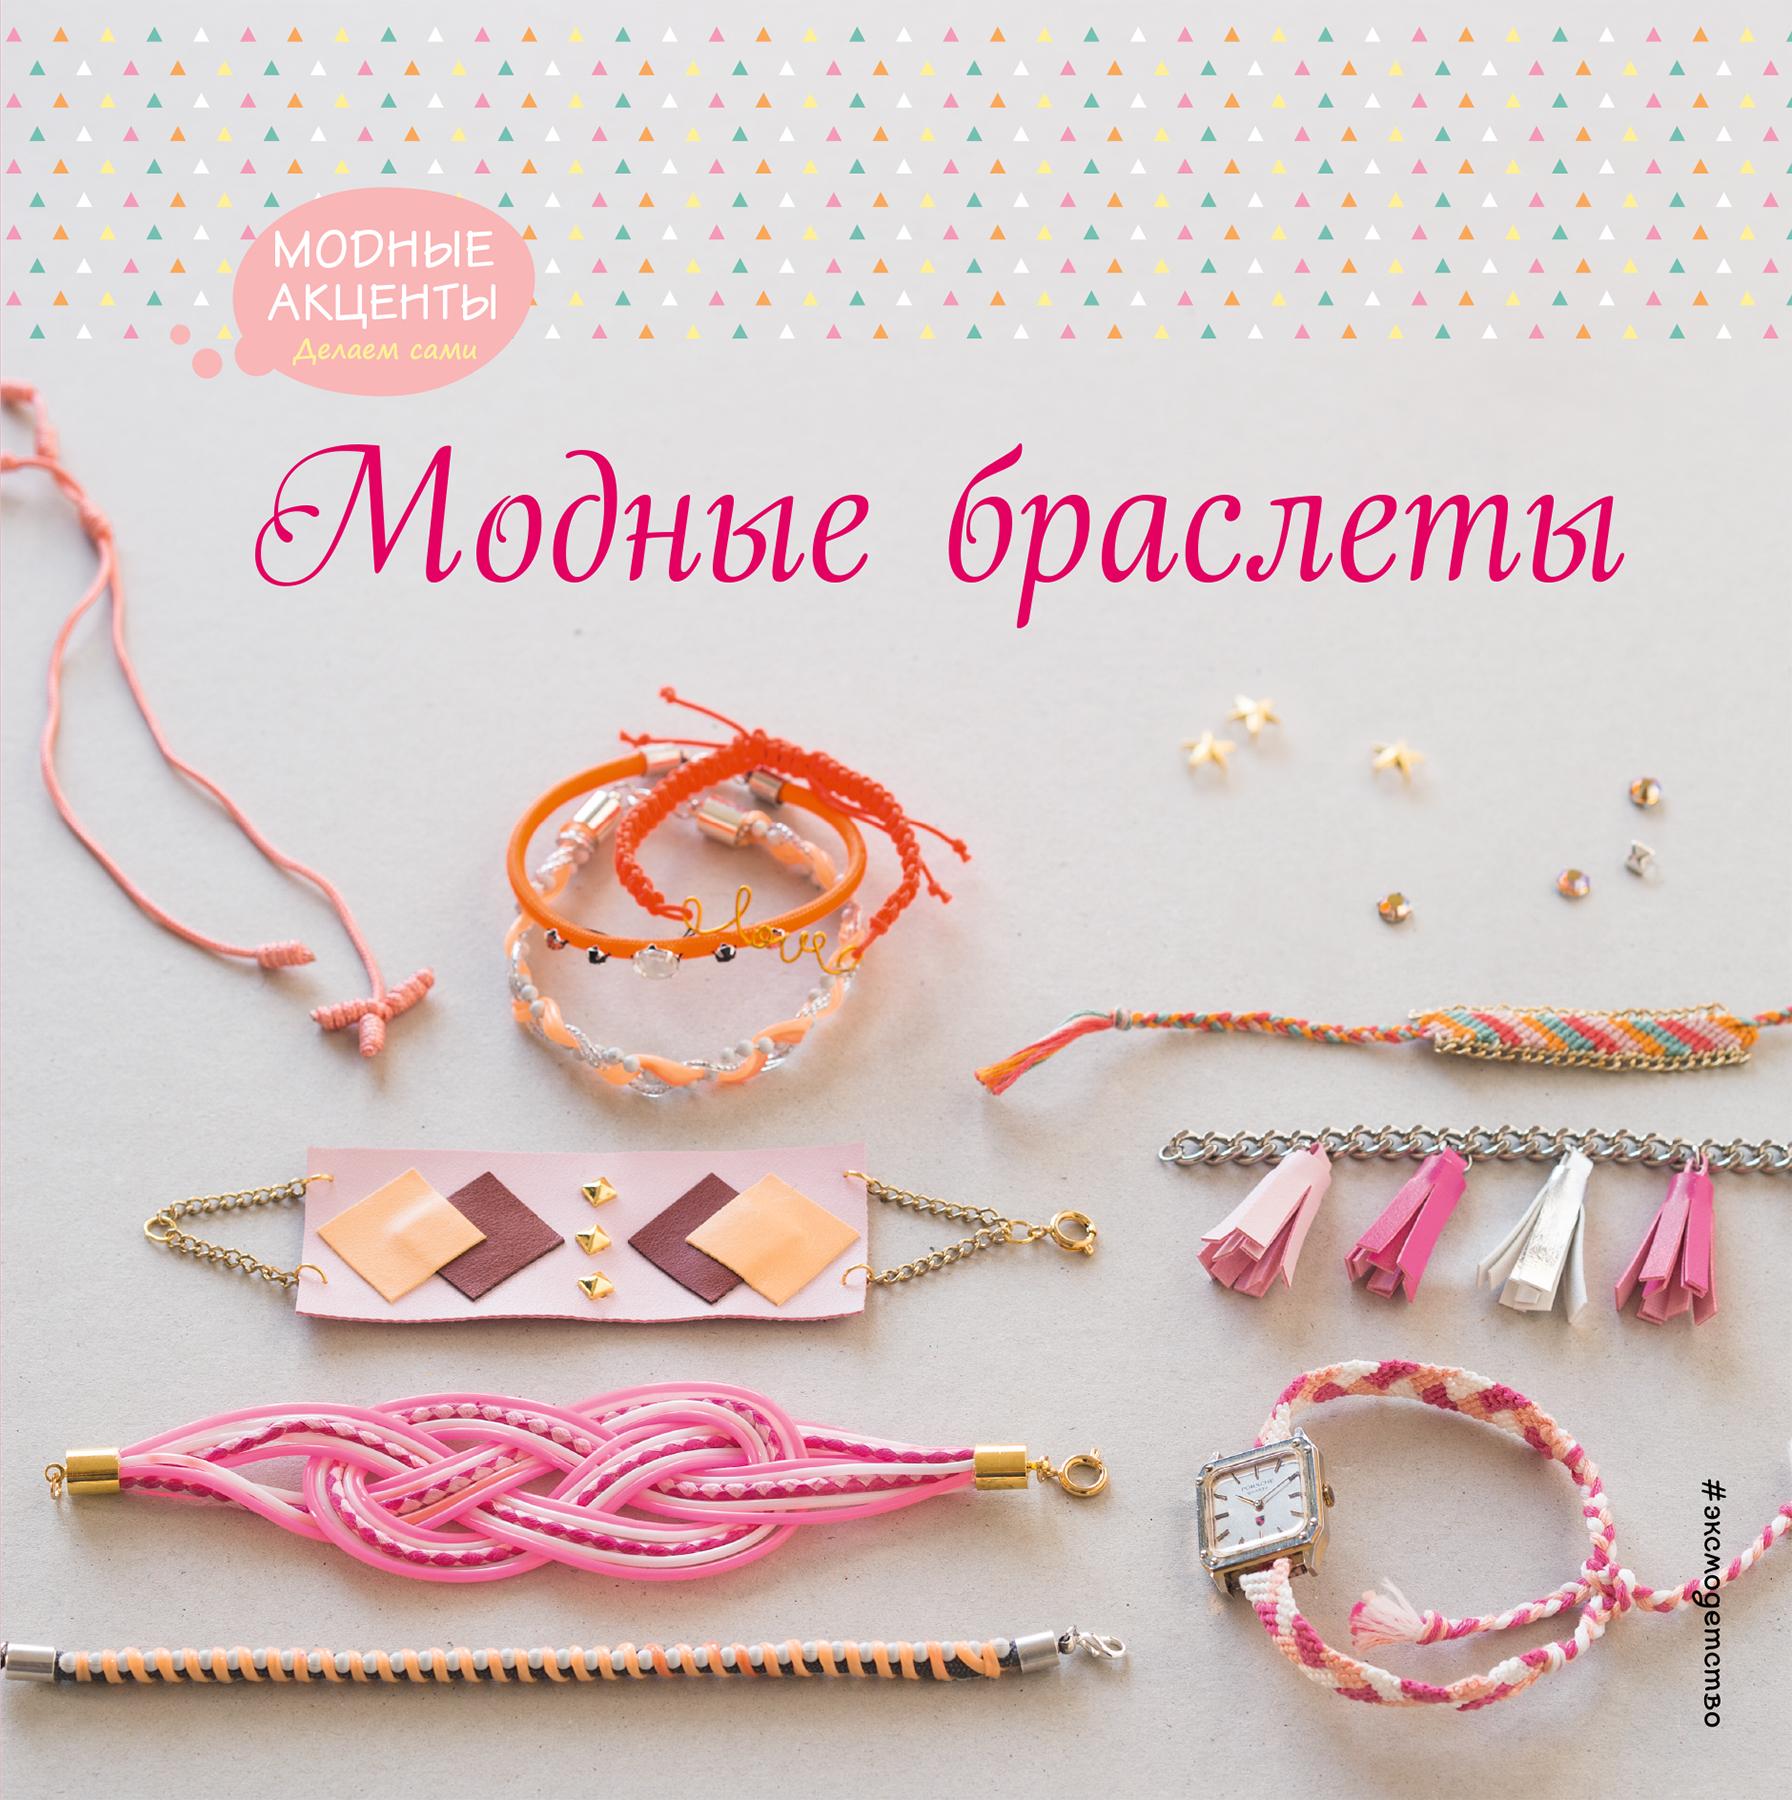 Модные браслеты браслеты